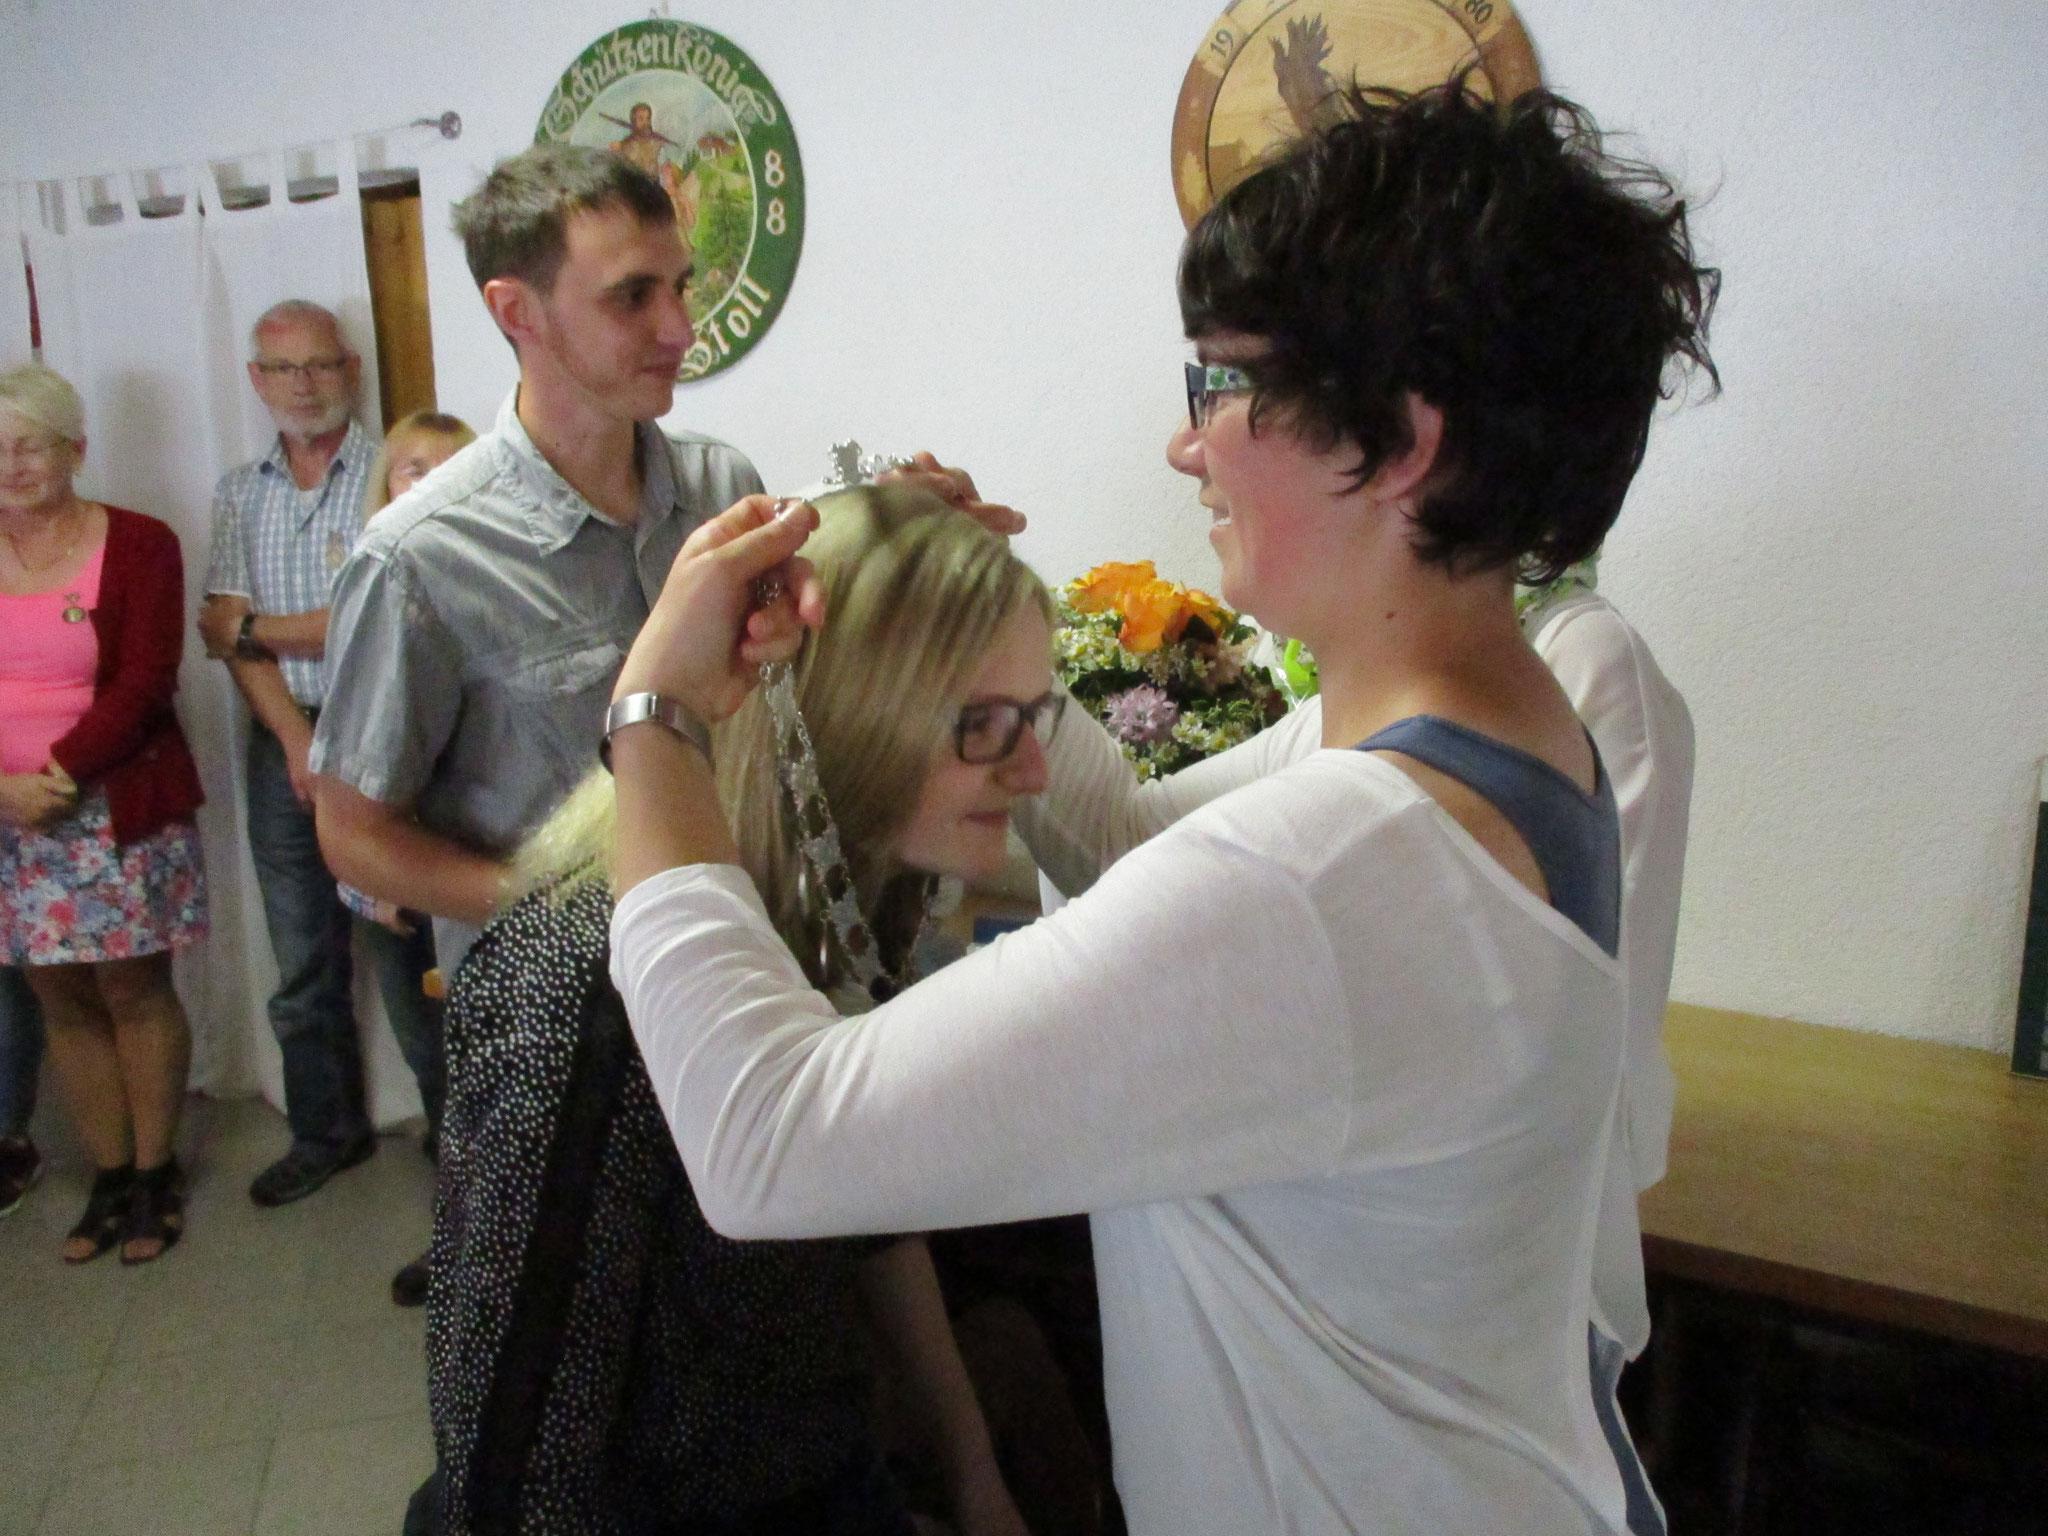 Übergabe der Königskette von Kerstin Huber an Gina Kraus